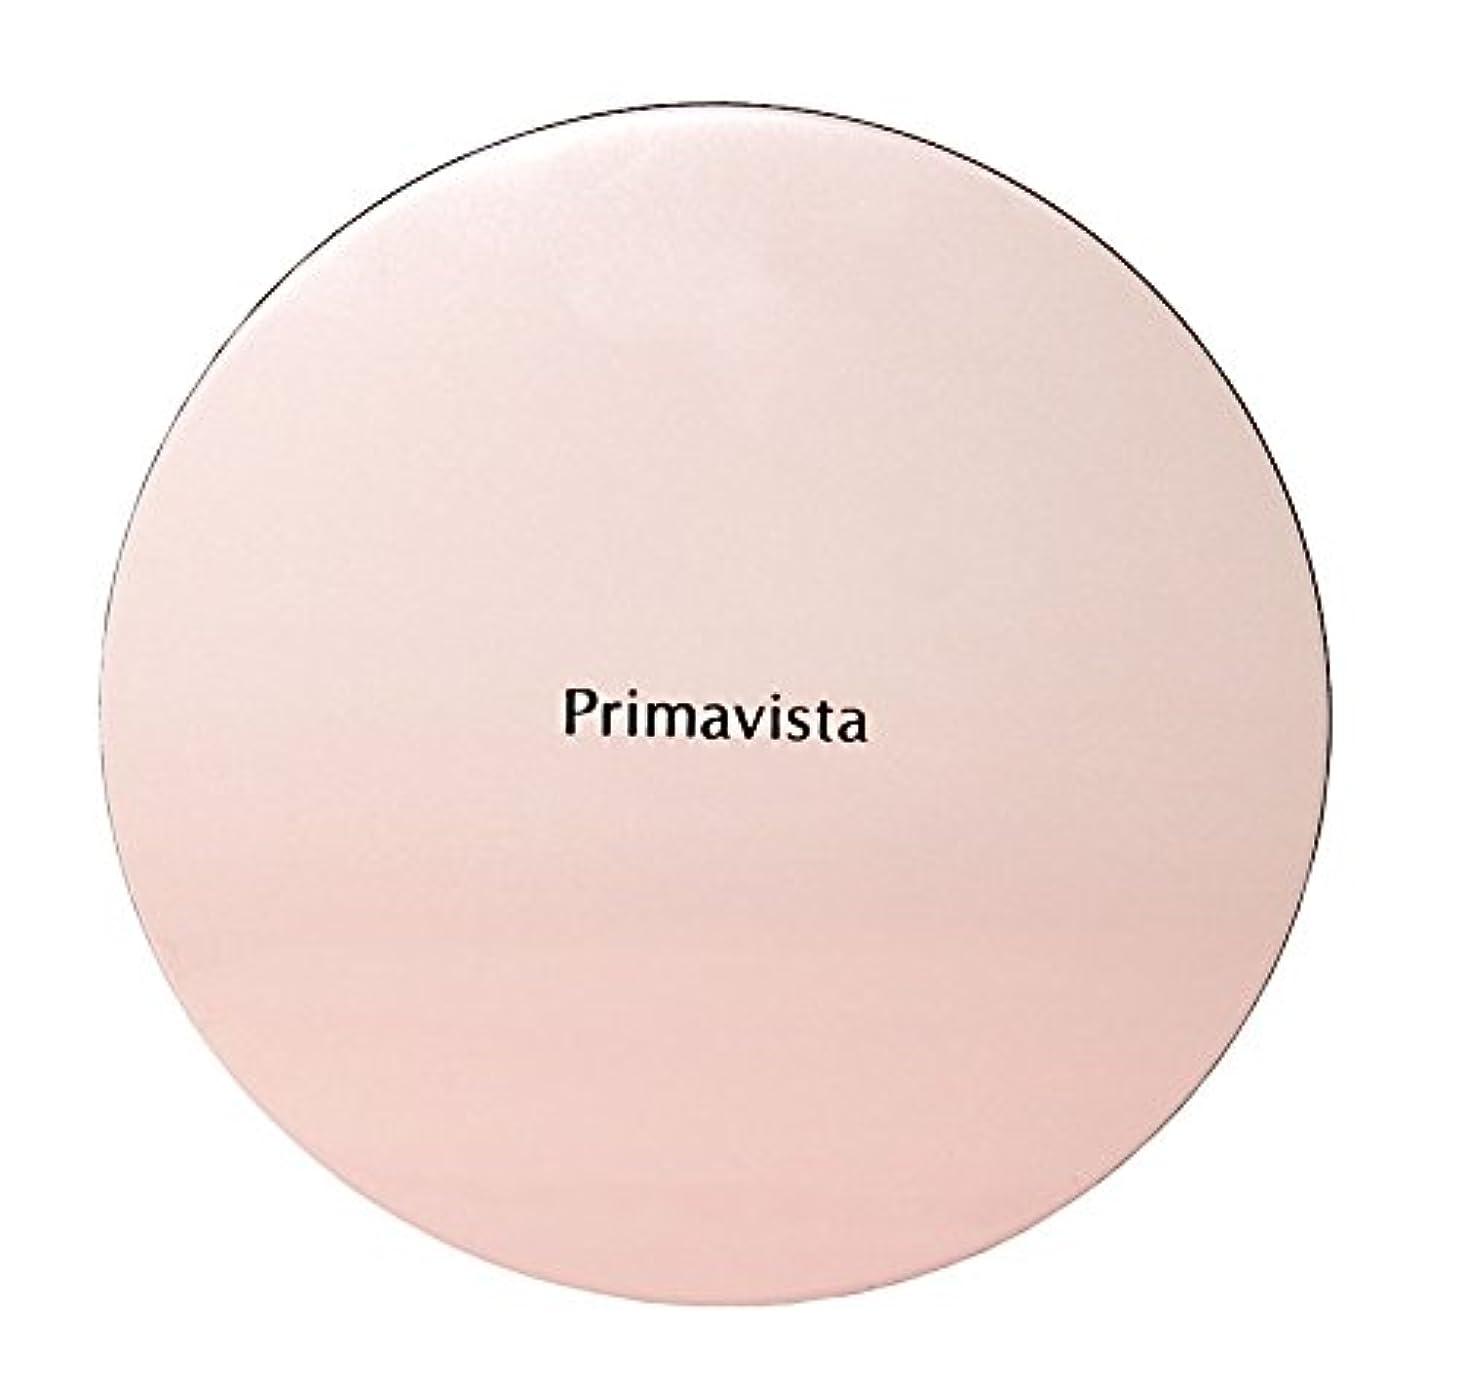 生命体ペレグリネーション分割プリマヴィスタ クリーミィコンパクトファンデーションケース